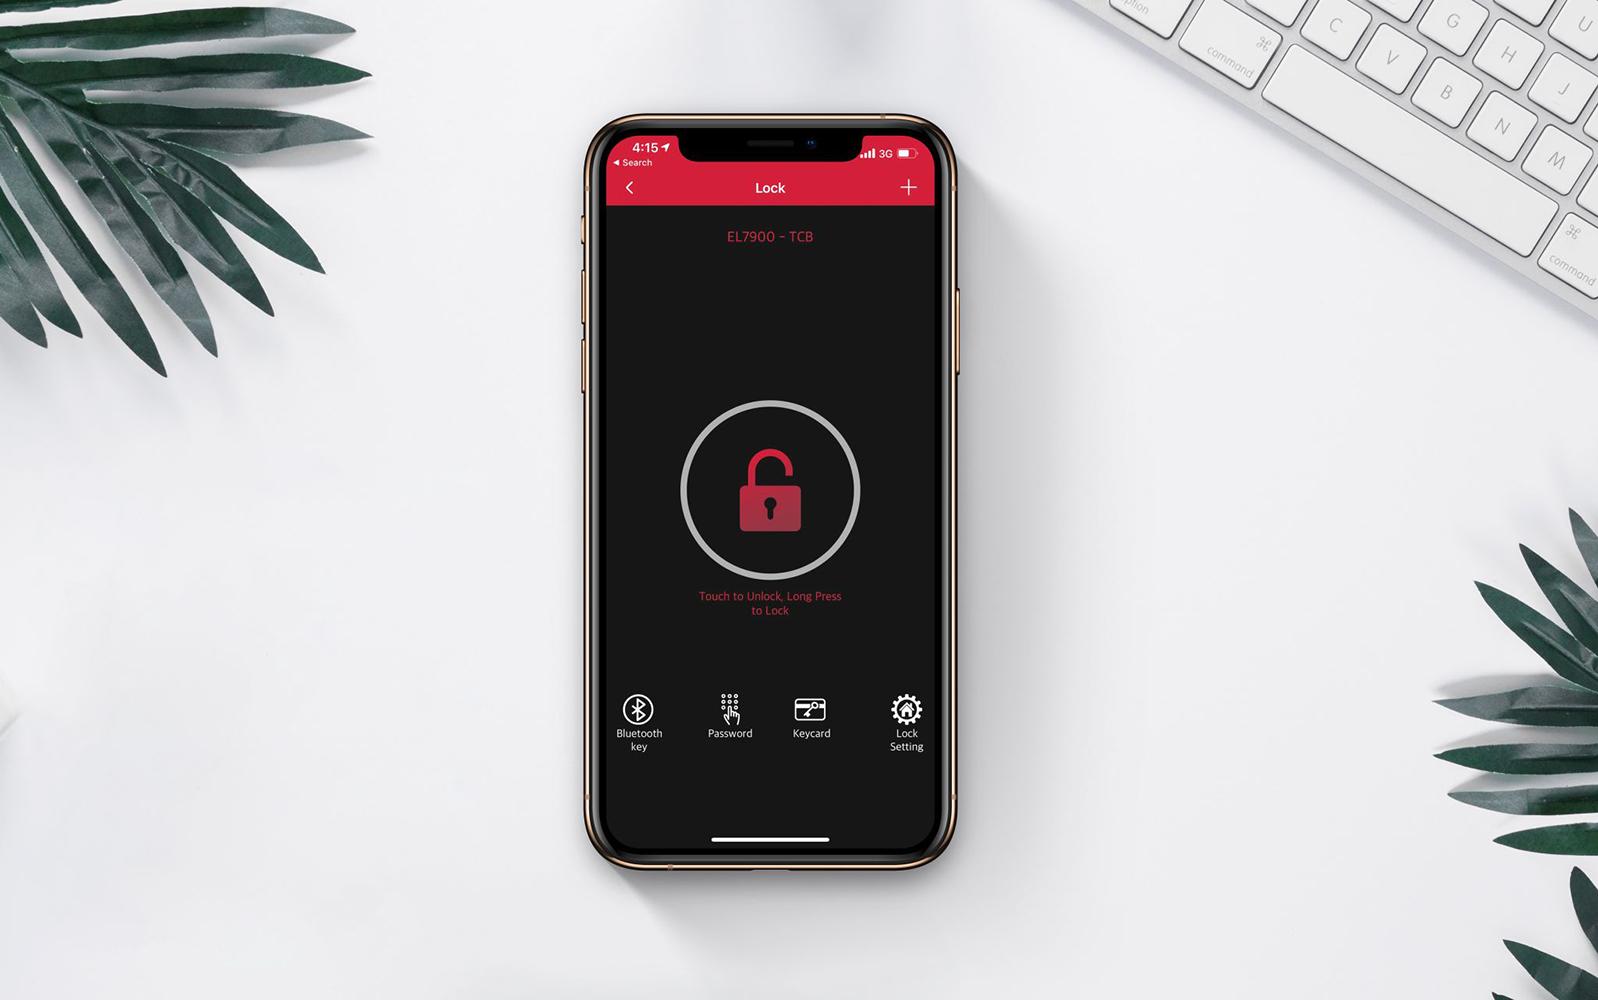 Ứng dụng Häfele Access kết nối với các khóa Bluetooth như EL7900, ER5900, giúp bạn quản lý nhiều khóa điện tử cùng lúc, tạo và gửi mật mã từ xa, kiểm tra lịch sử ra vào và mở khóa bằng Bluetooth mà không cần đến internet, tránh nguy cơ bị hack.